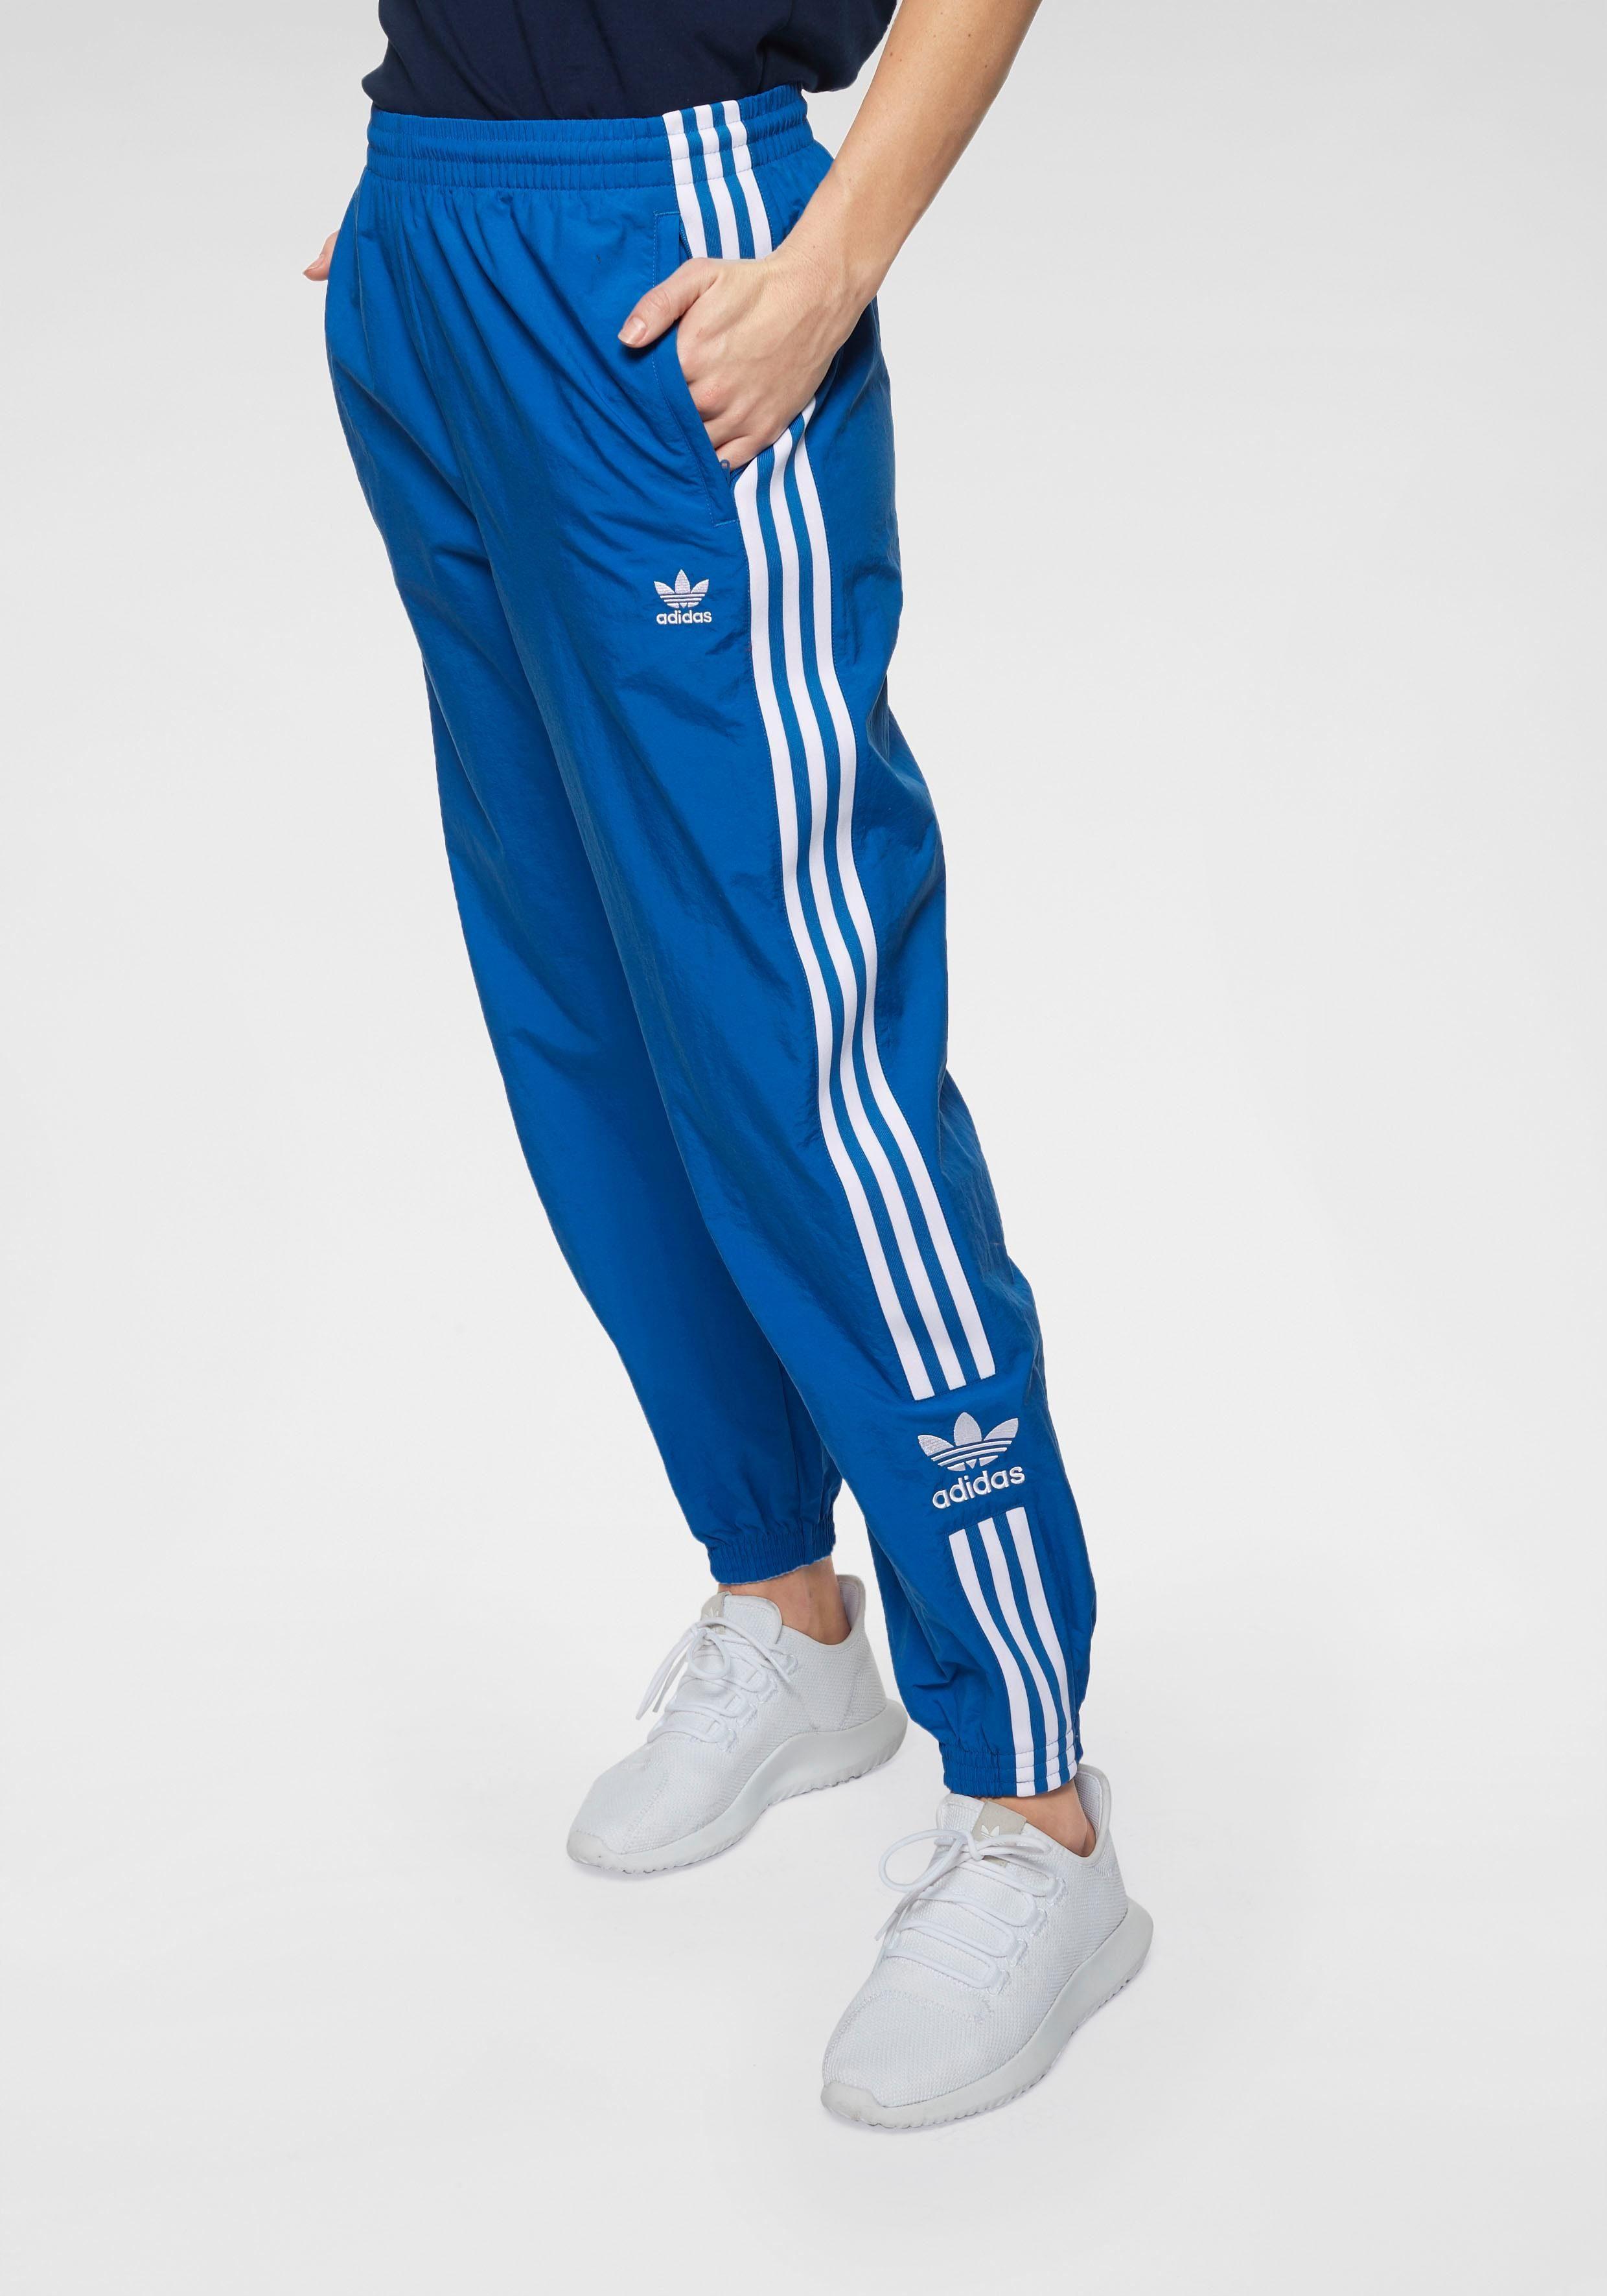 OTTO | Damen adidas Originals Trainingshose »LOCK UP ...